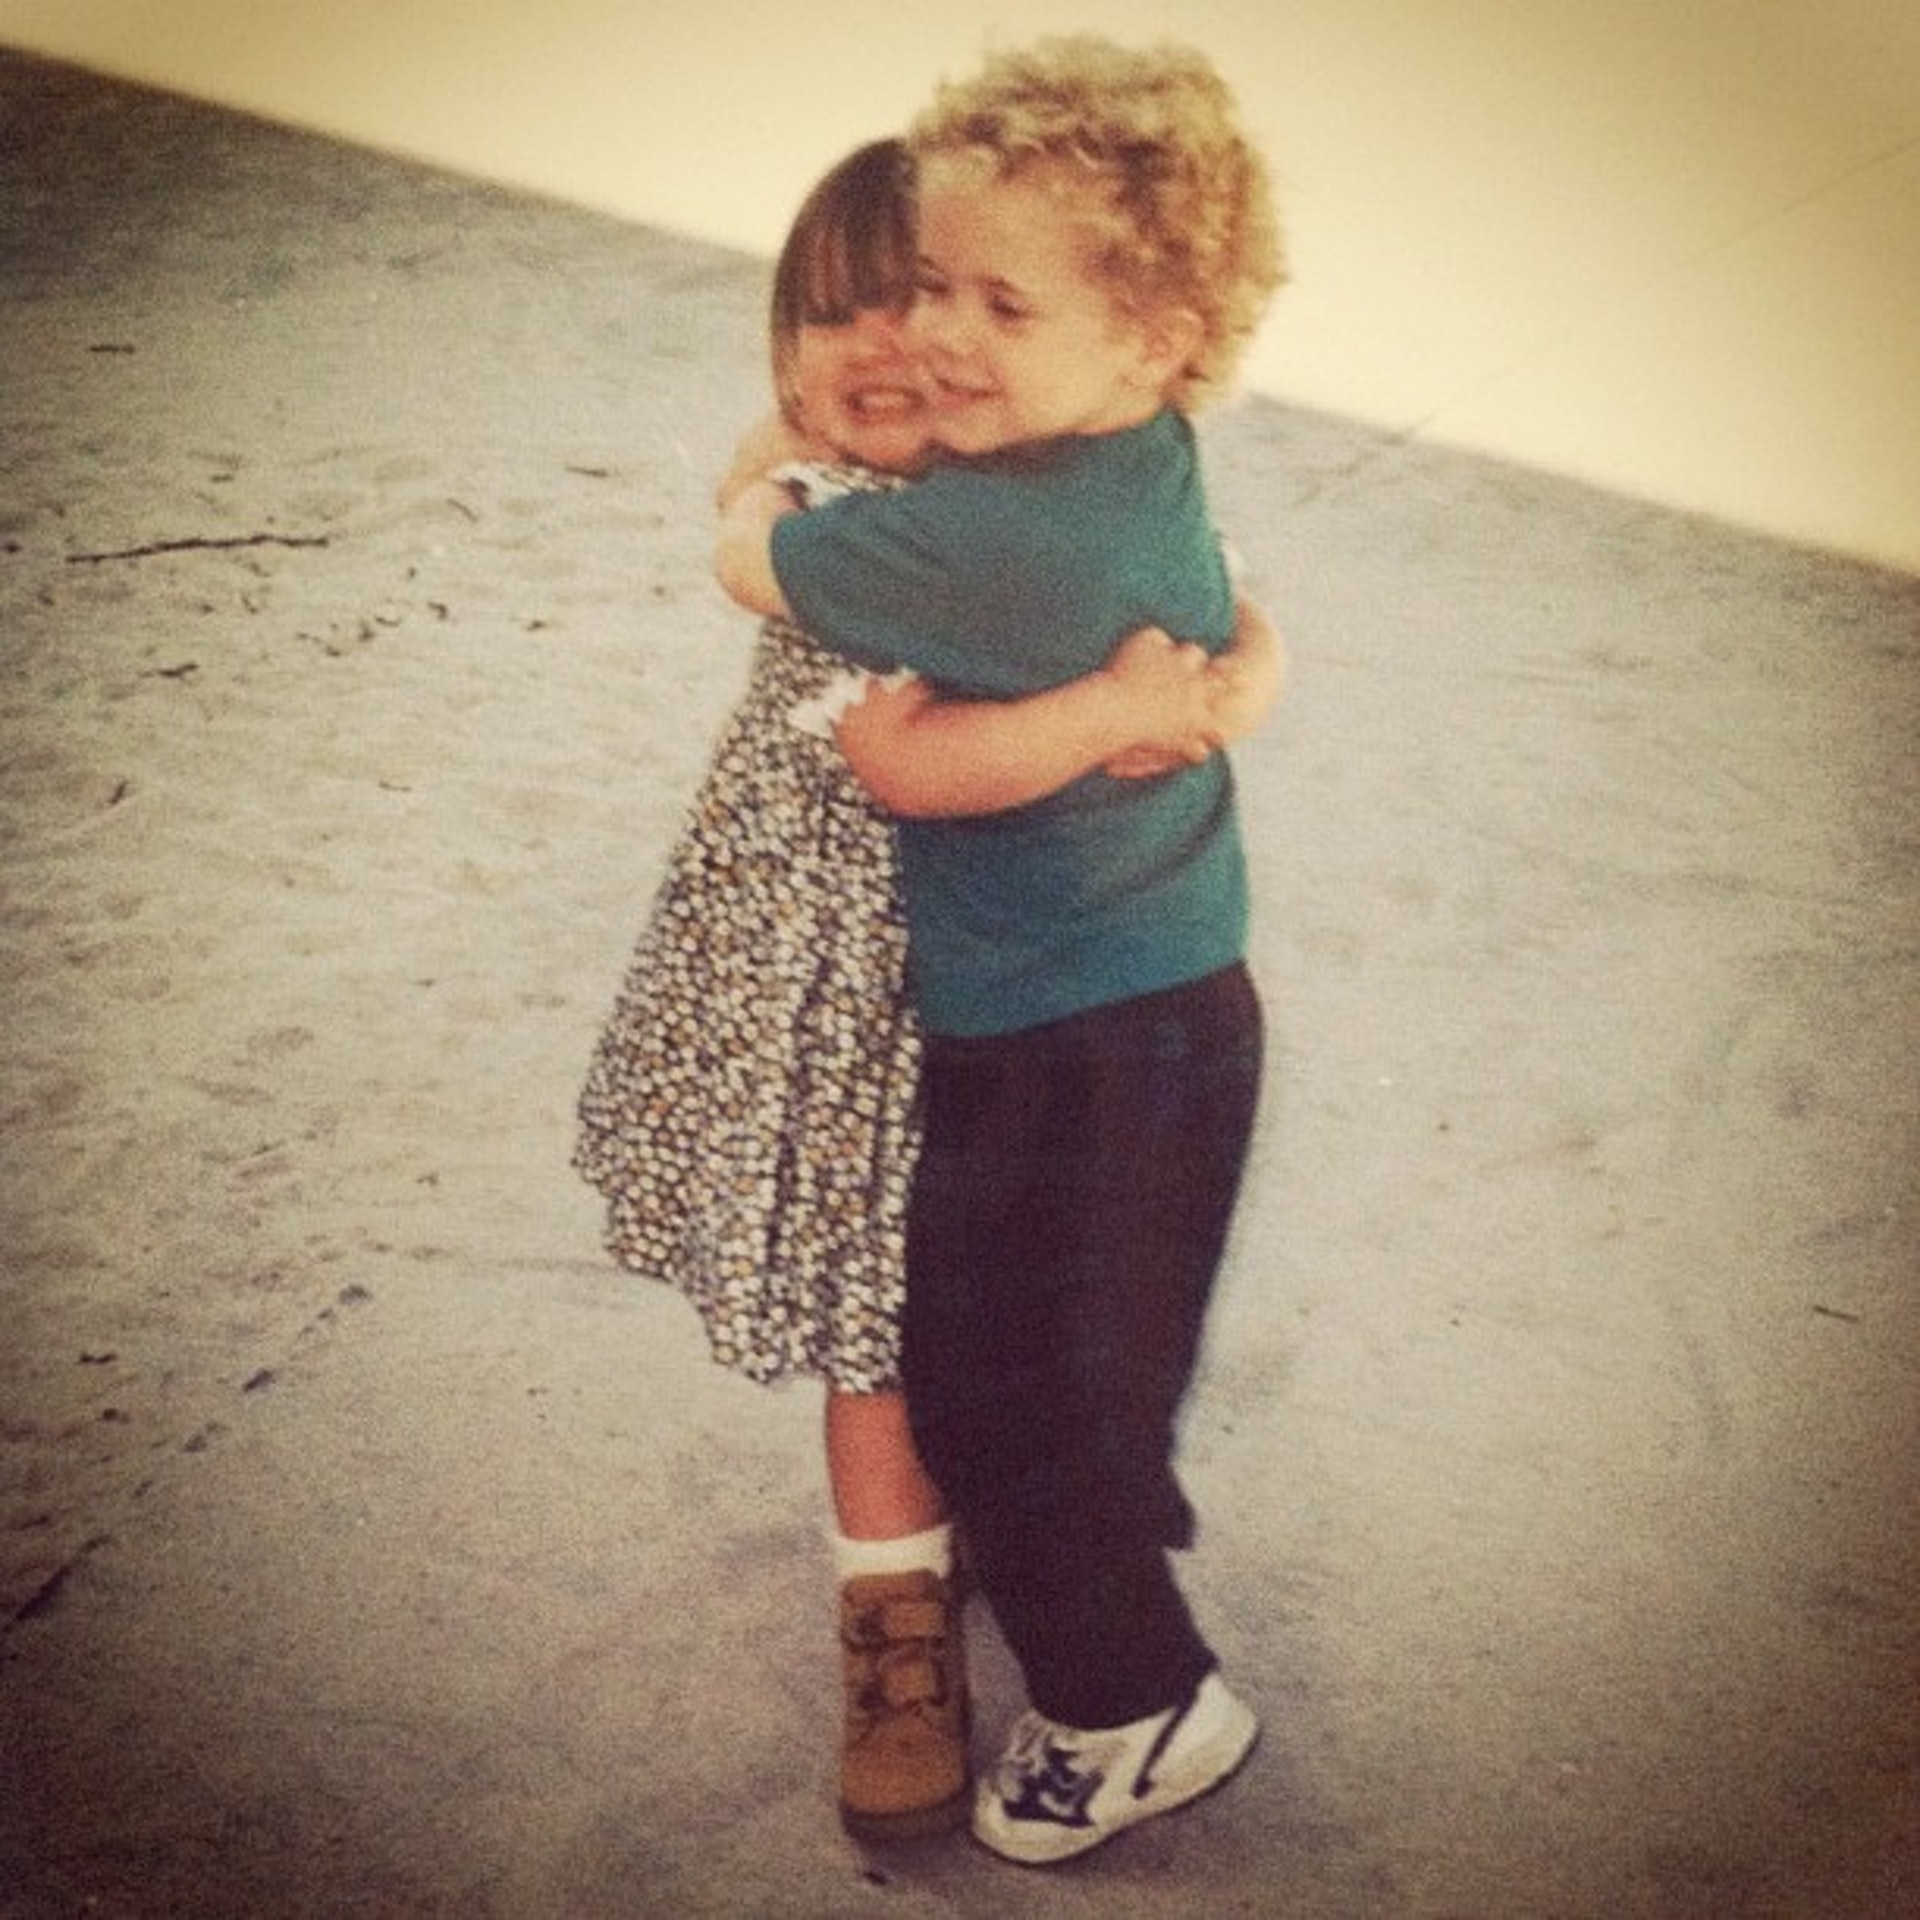 二人2歲已在幼兒班相識,從此形影不離成為彼此摯友,沒料到5歲後卻因女方搬家而失聯12年。(ig「nata.tatman」圖片)